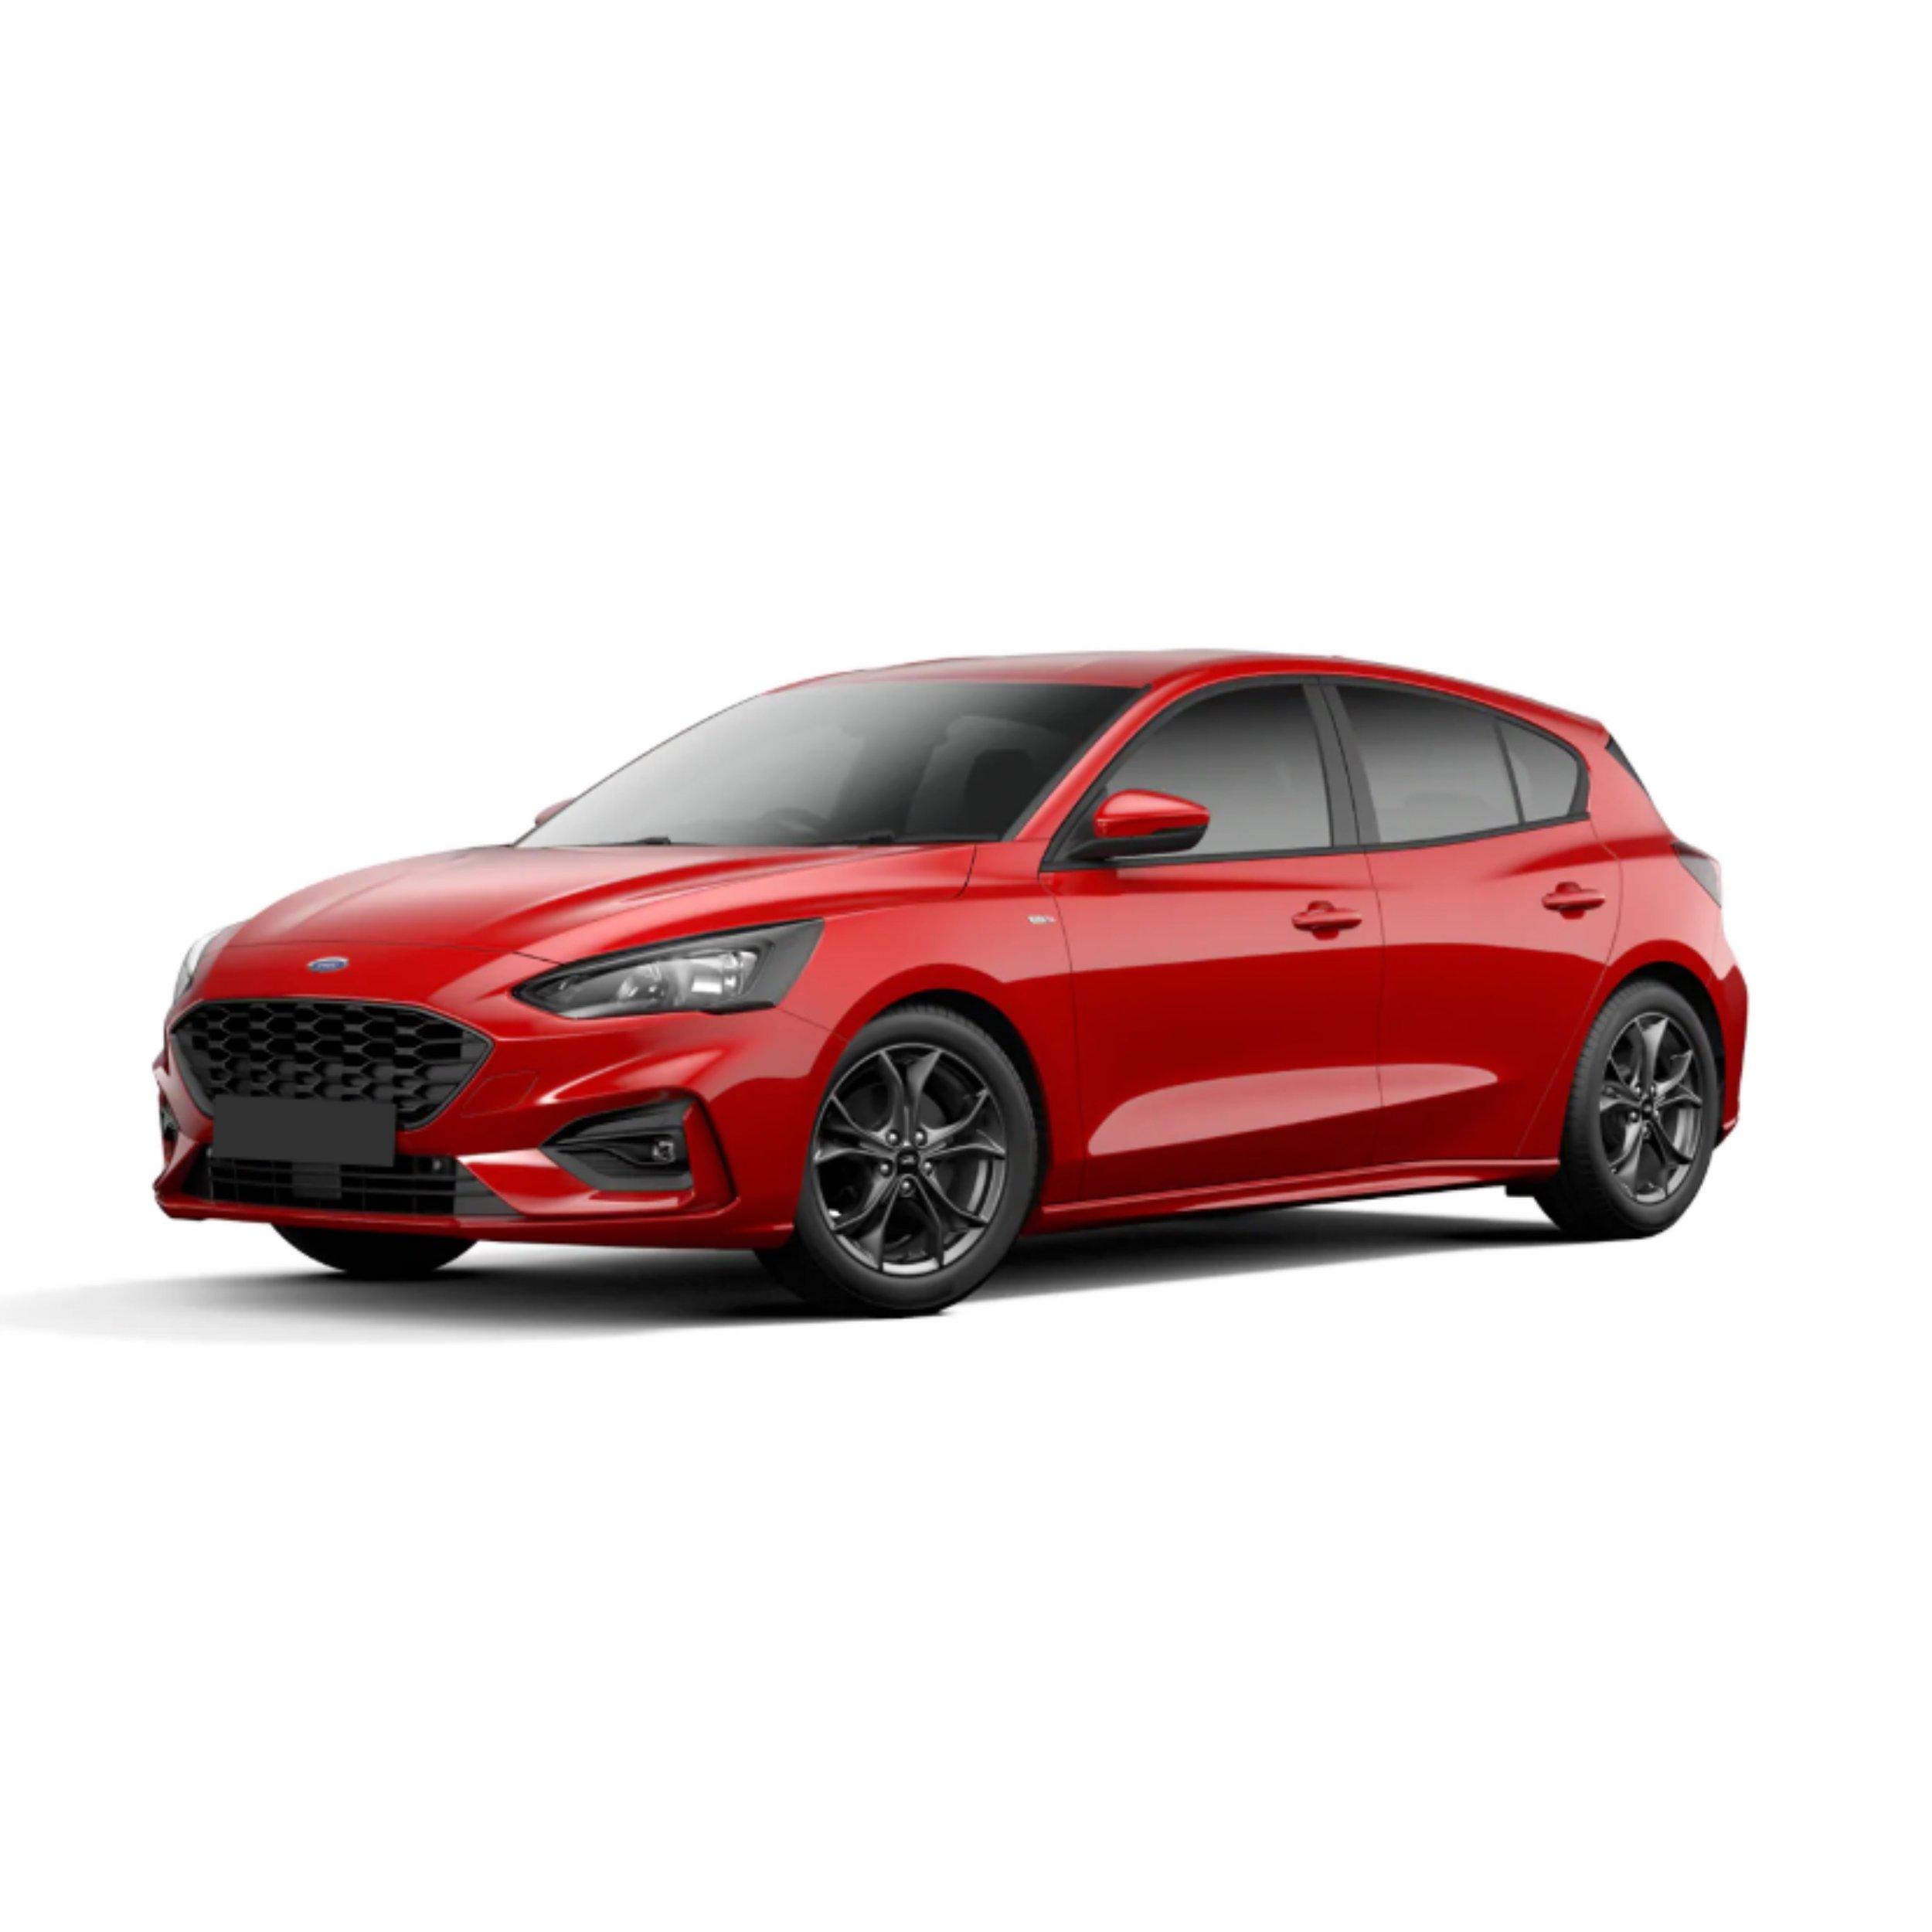 Ford Focus ST-Line 139,00€ / Monat (brutto) - *Nur Privatkunden*alle Werte inkl. der jeweiligen Umsatzsteuer